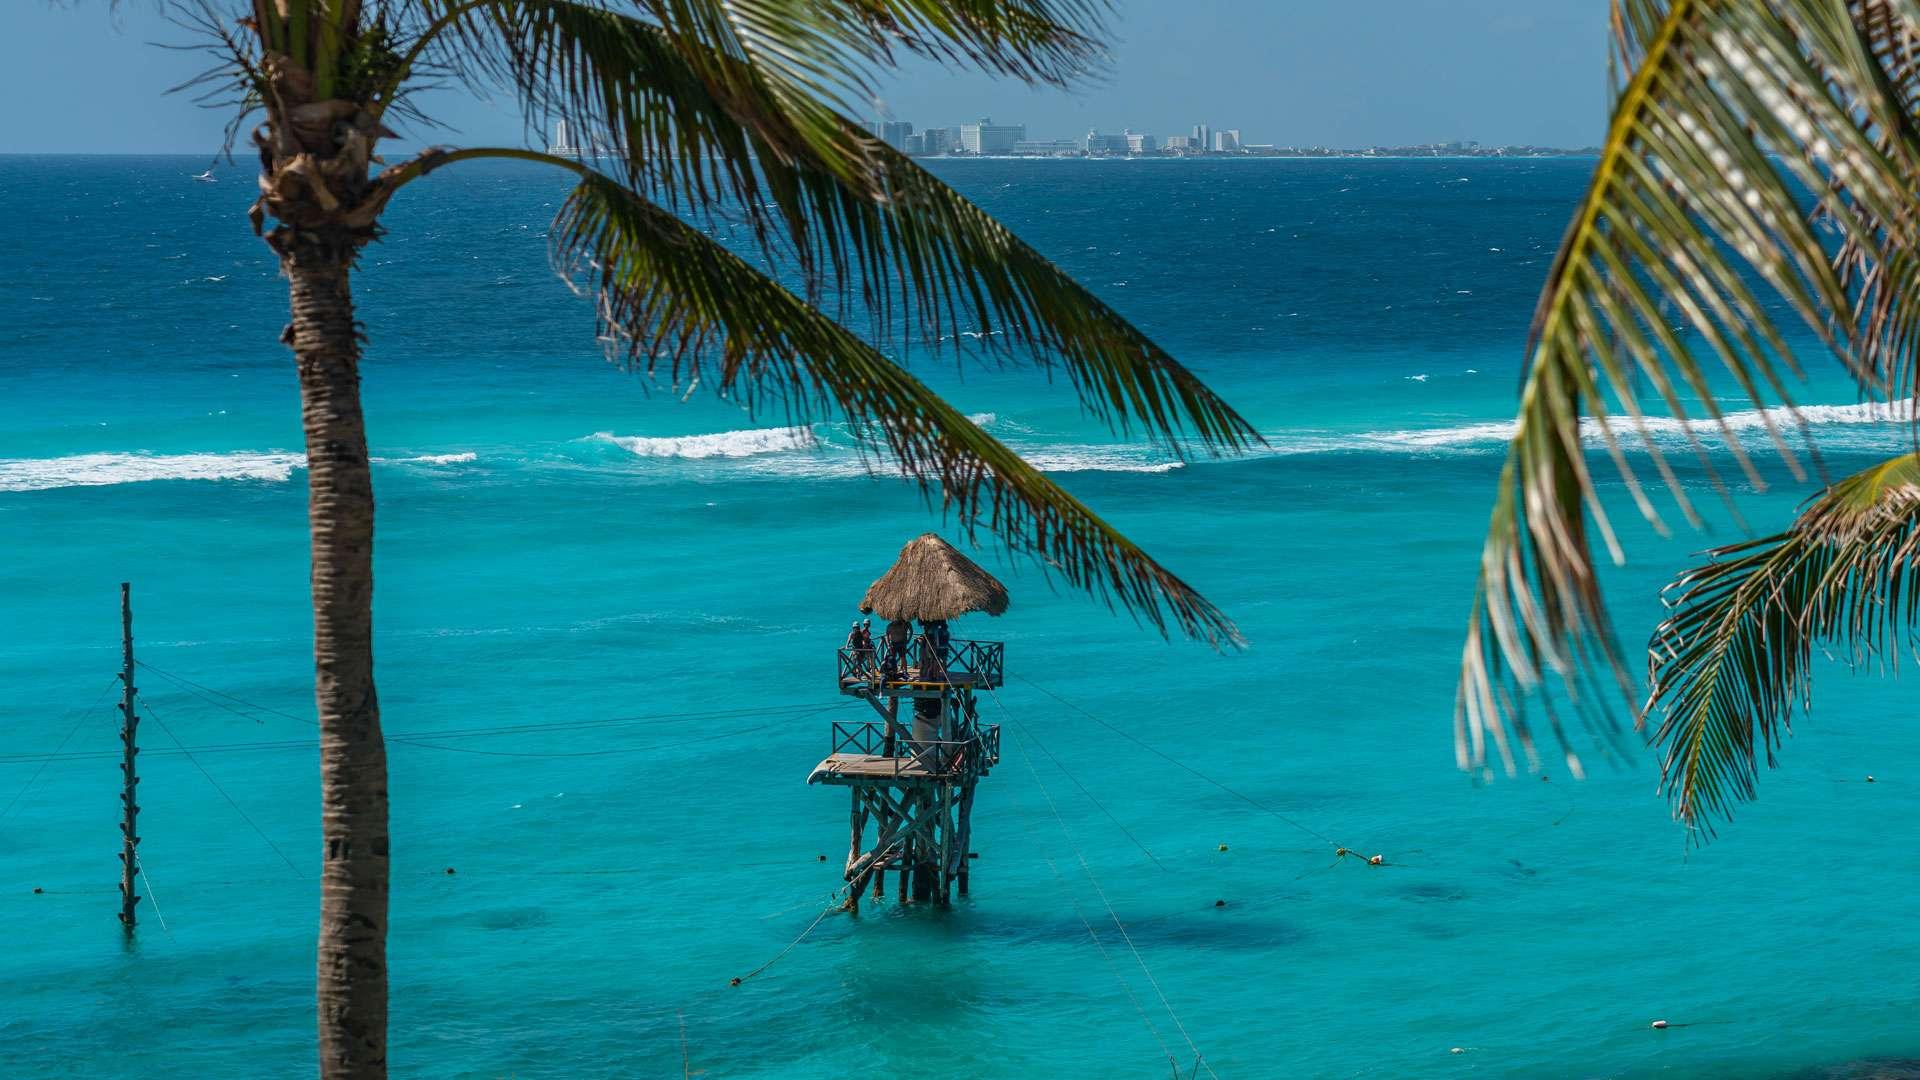 The Caribbean Sea in Cancun